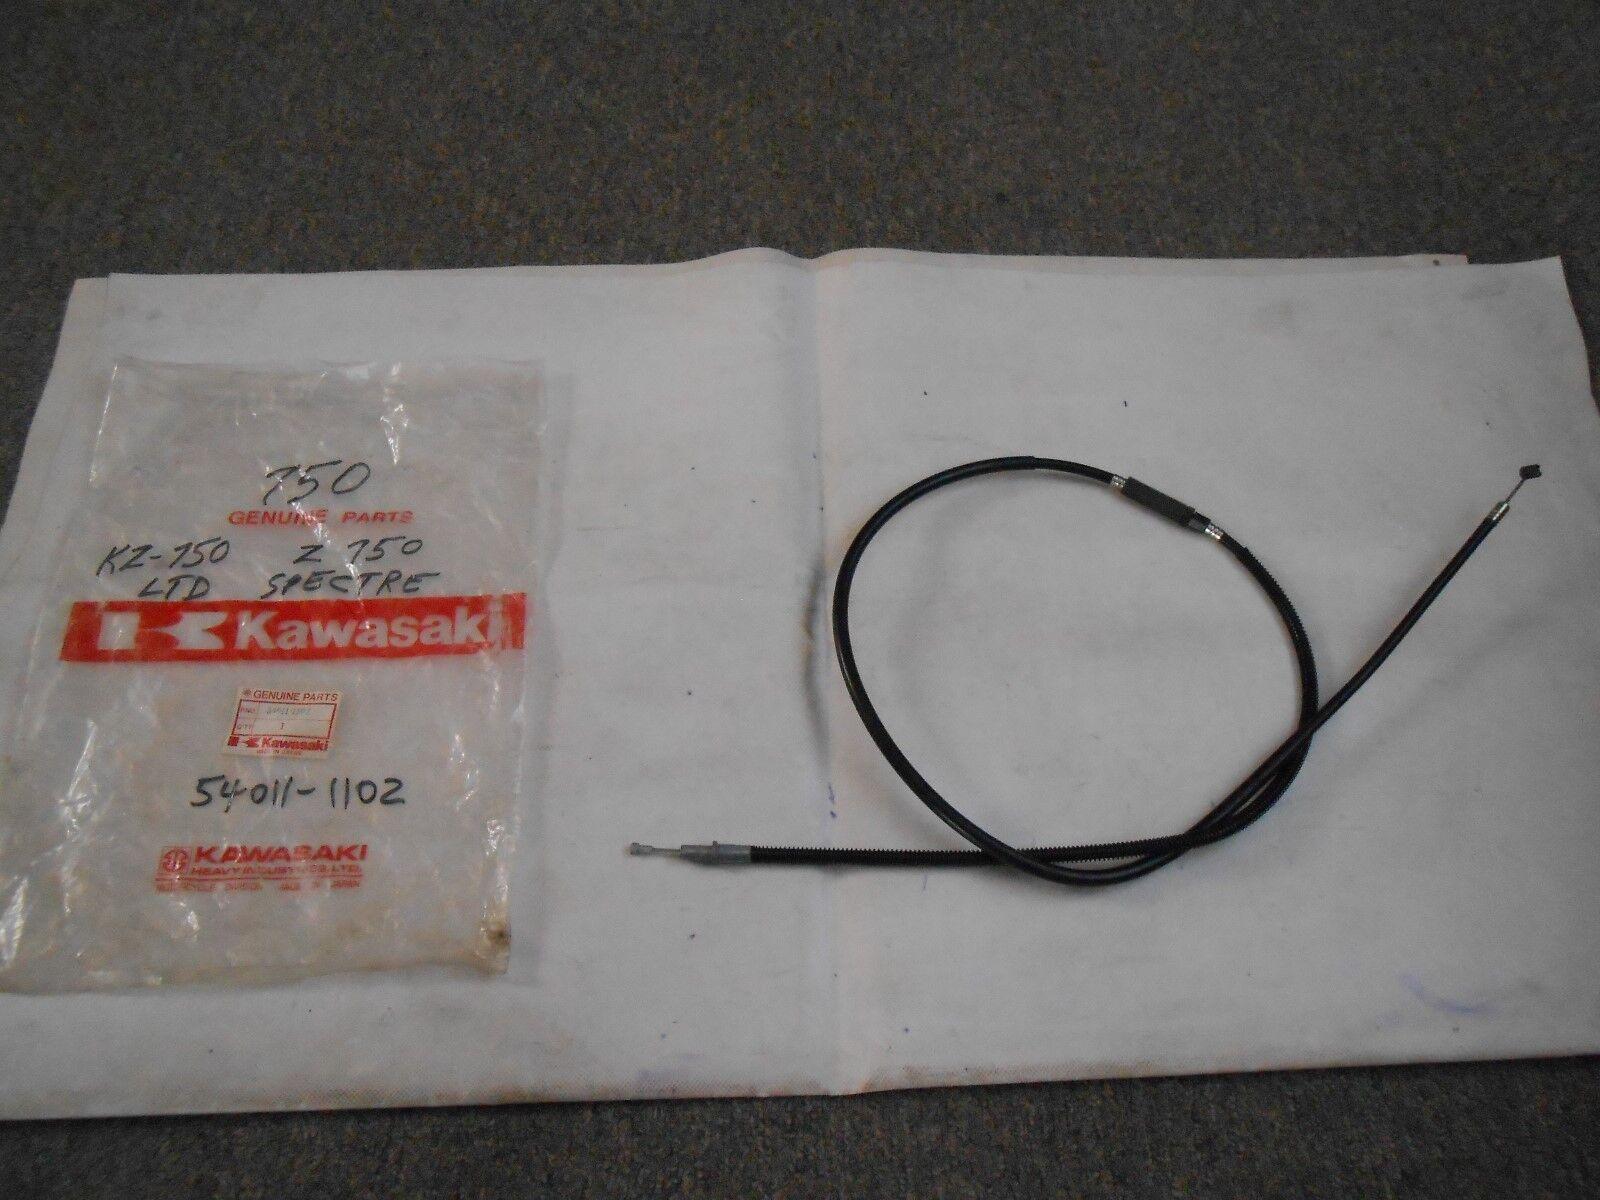 NOS New OEM Kawasaki Clutch Cable  1983  KZ750 KZ750-K1 LTD Belt   54011-1115